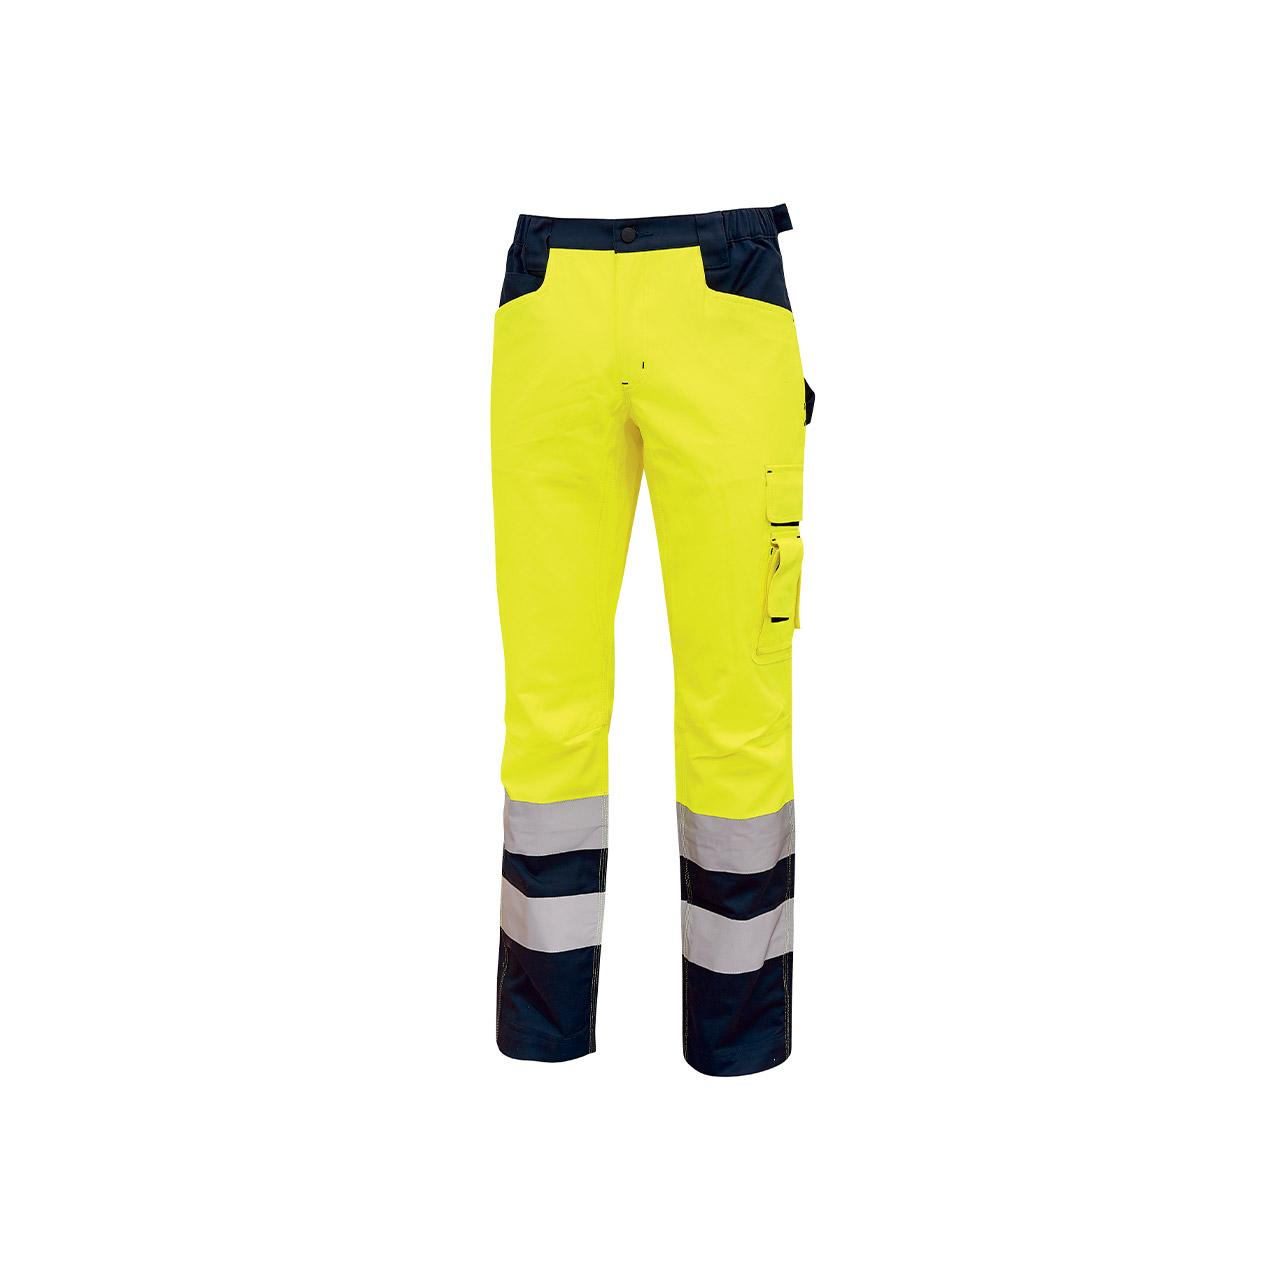 pantalone da lavoro upower modello beacon colore yellow